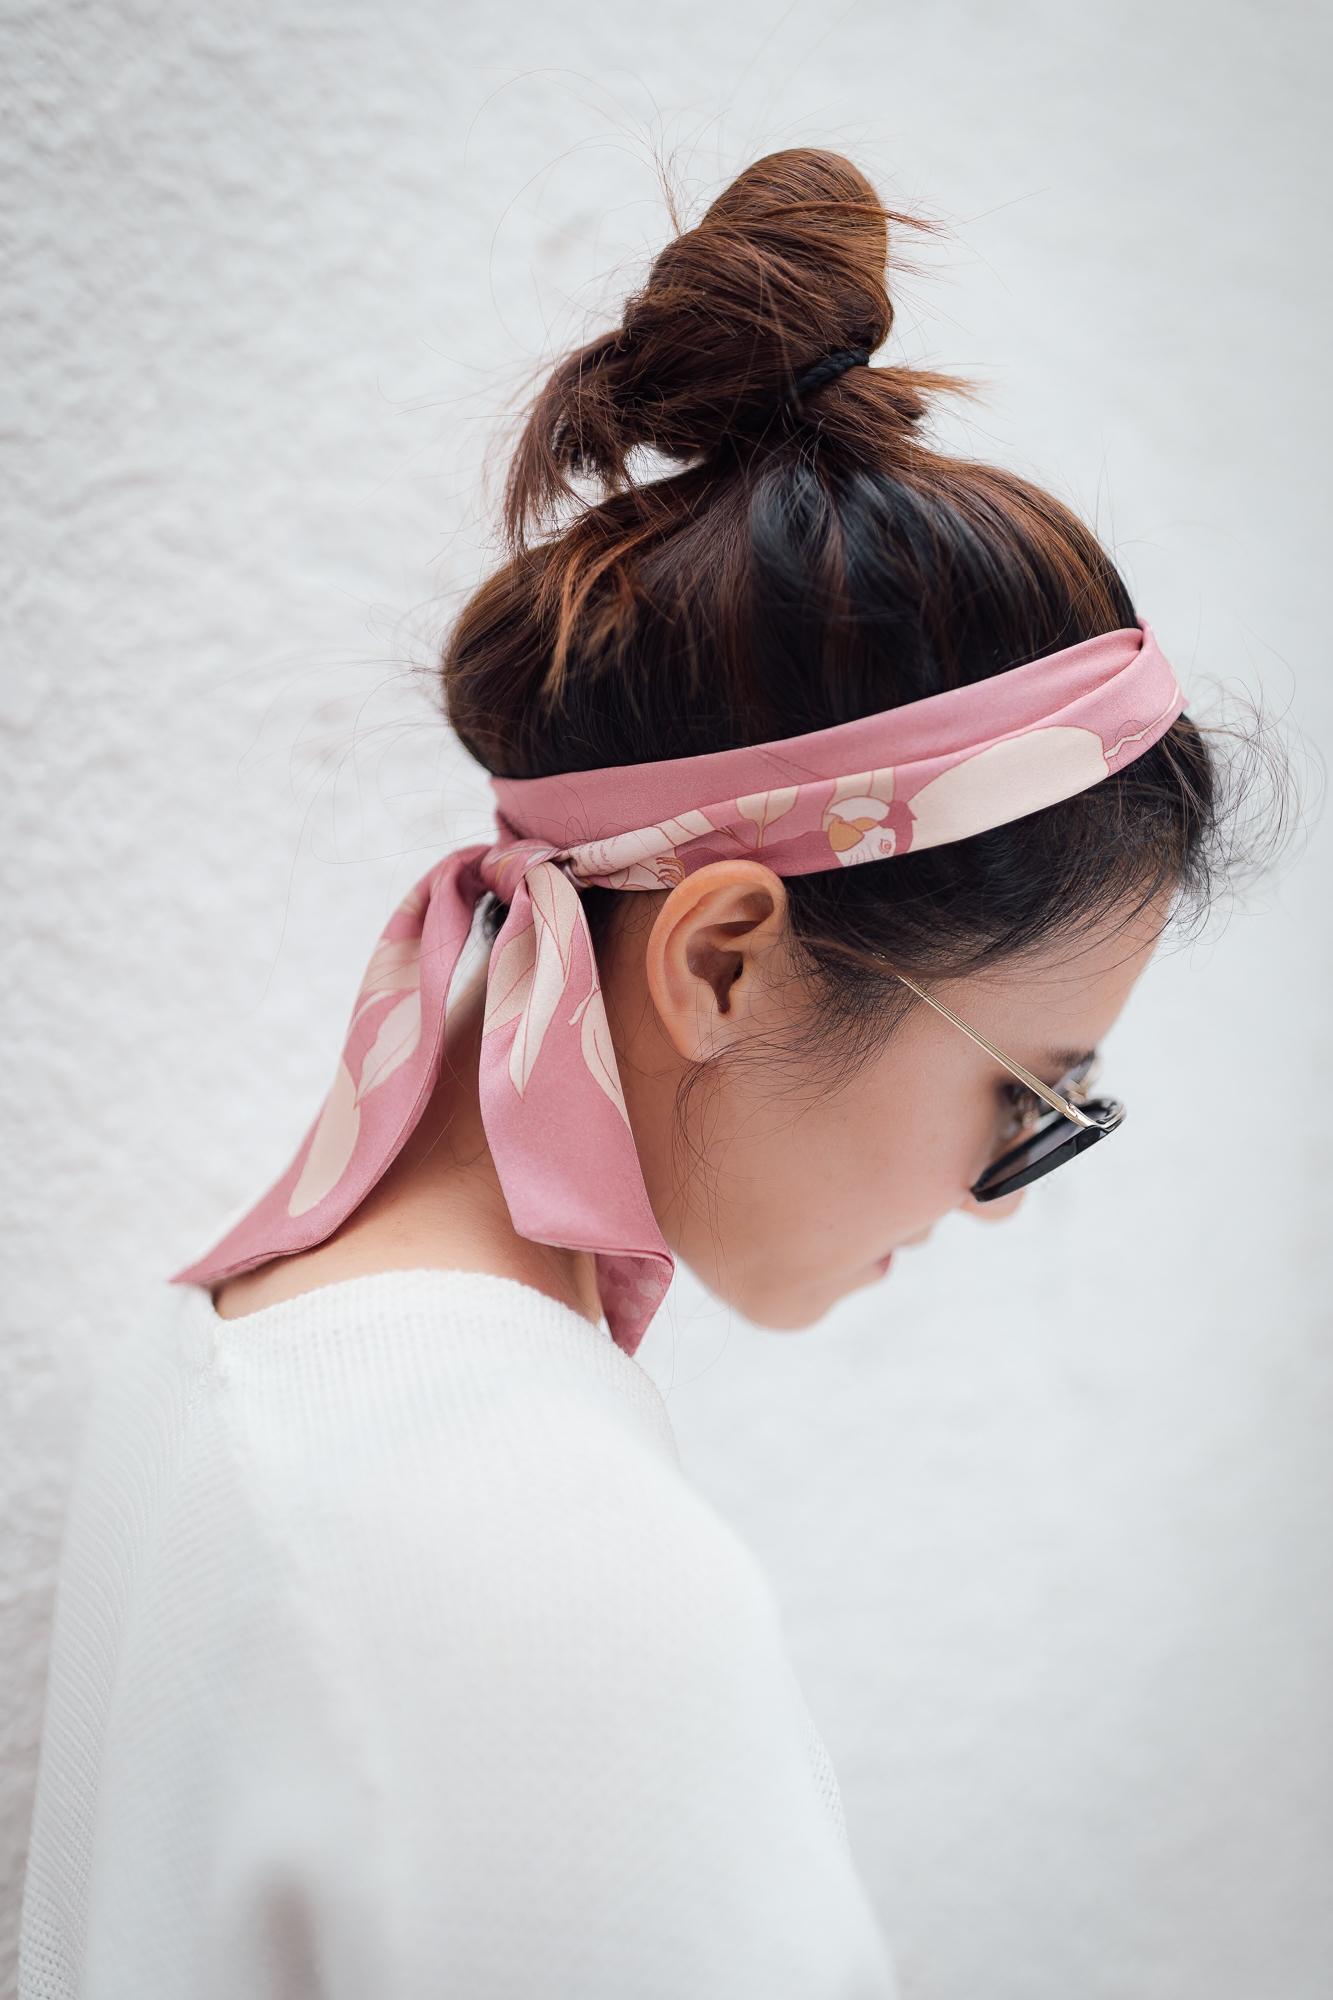 шарф Двойной вспомнить Гарсия серия попугай любовное письмо печатных Шелковый Атлас узкий шарф светло-розовый длинные оригинальный дизайн